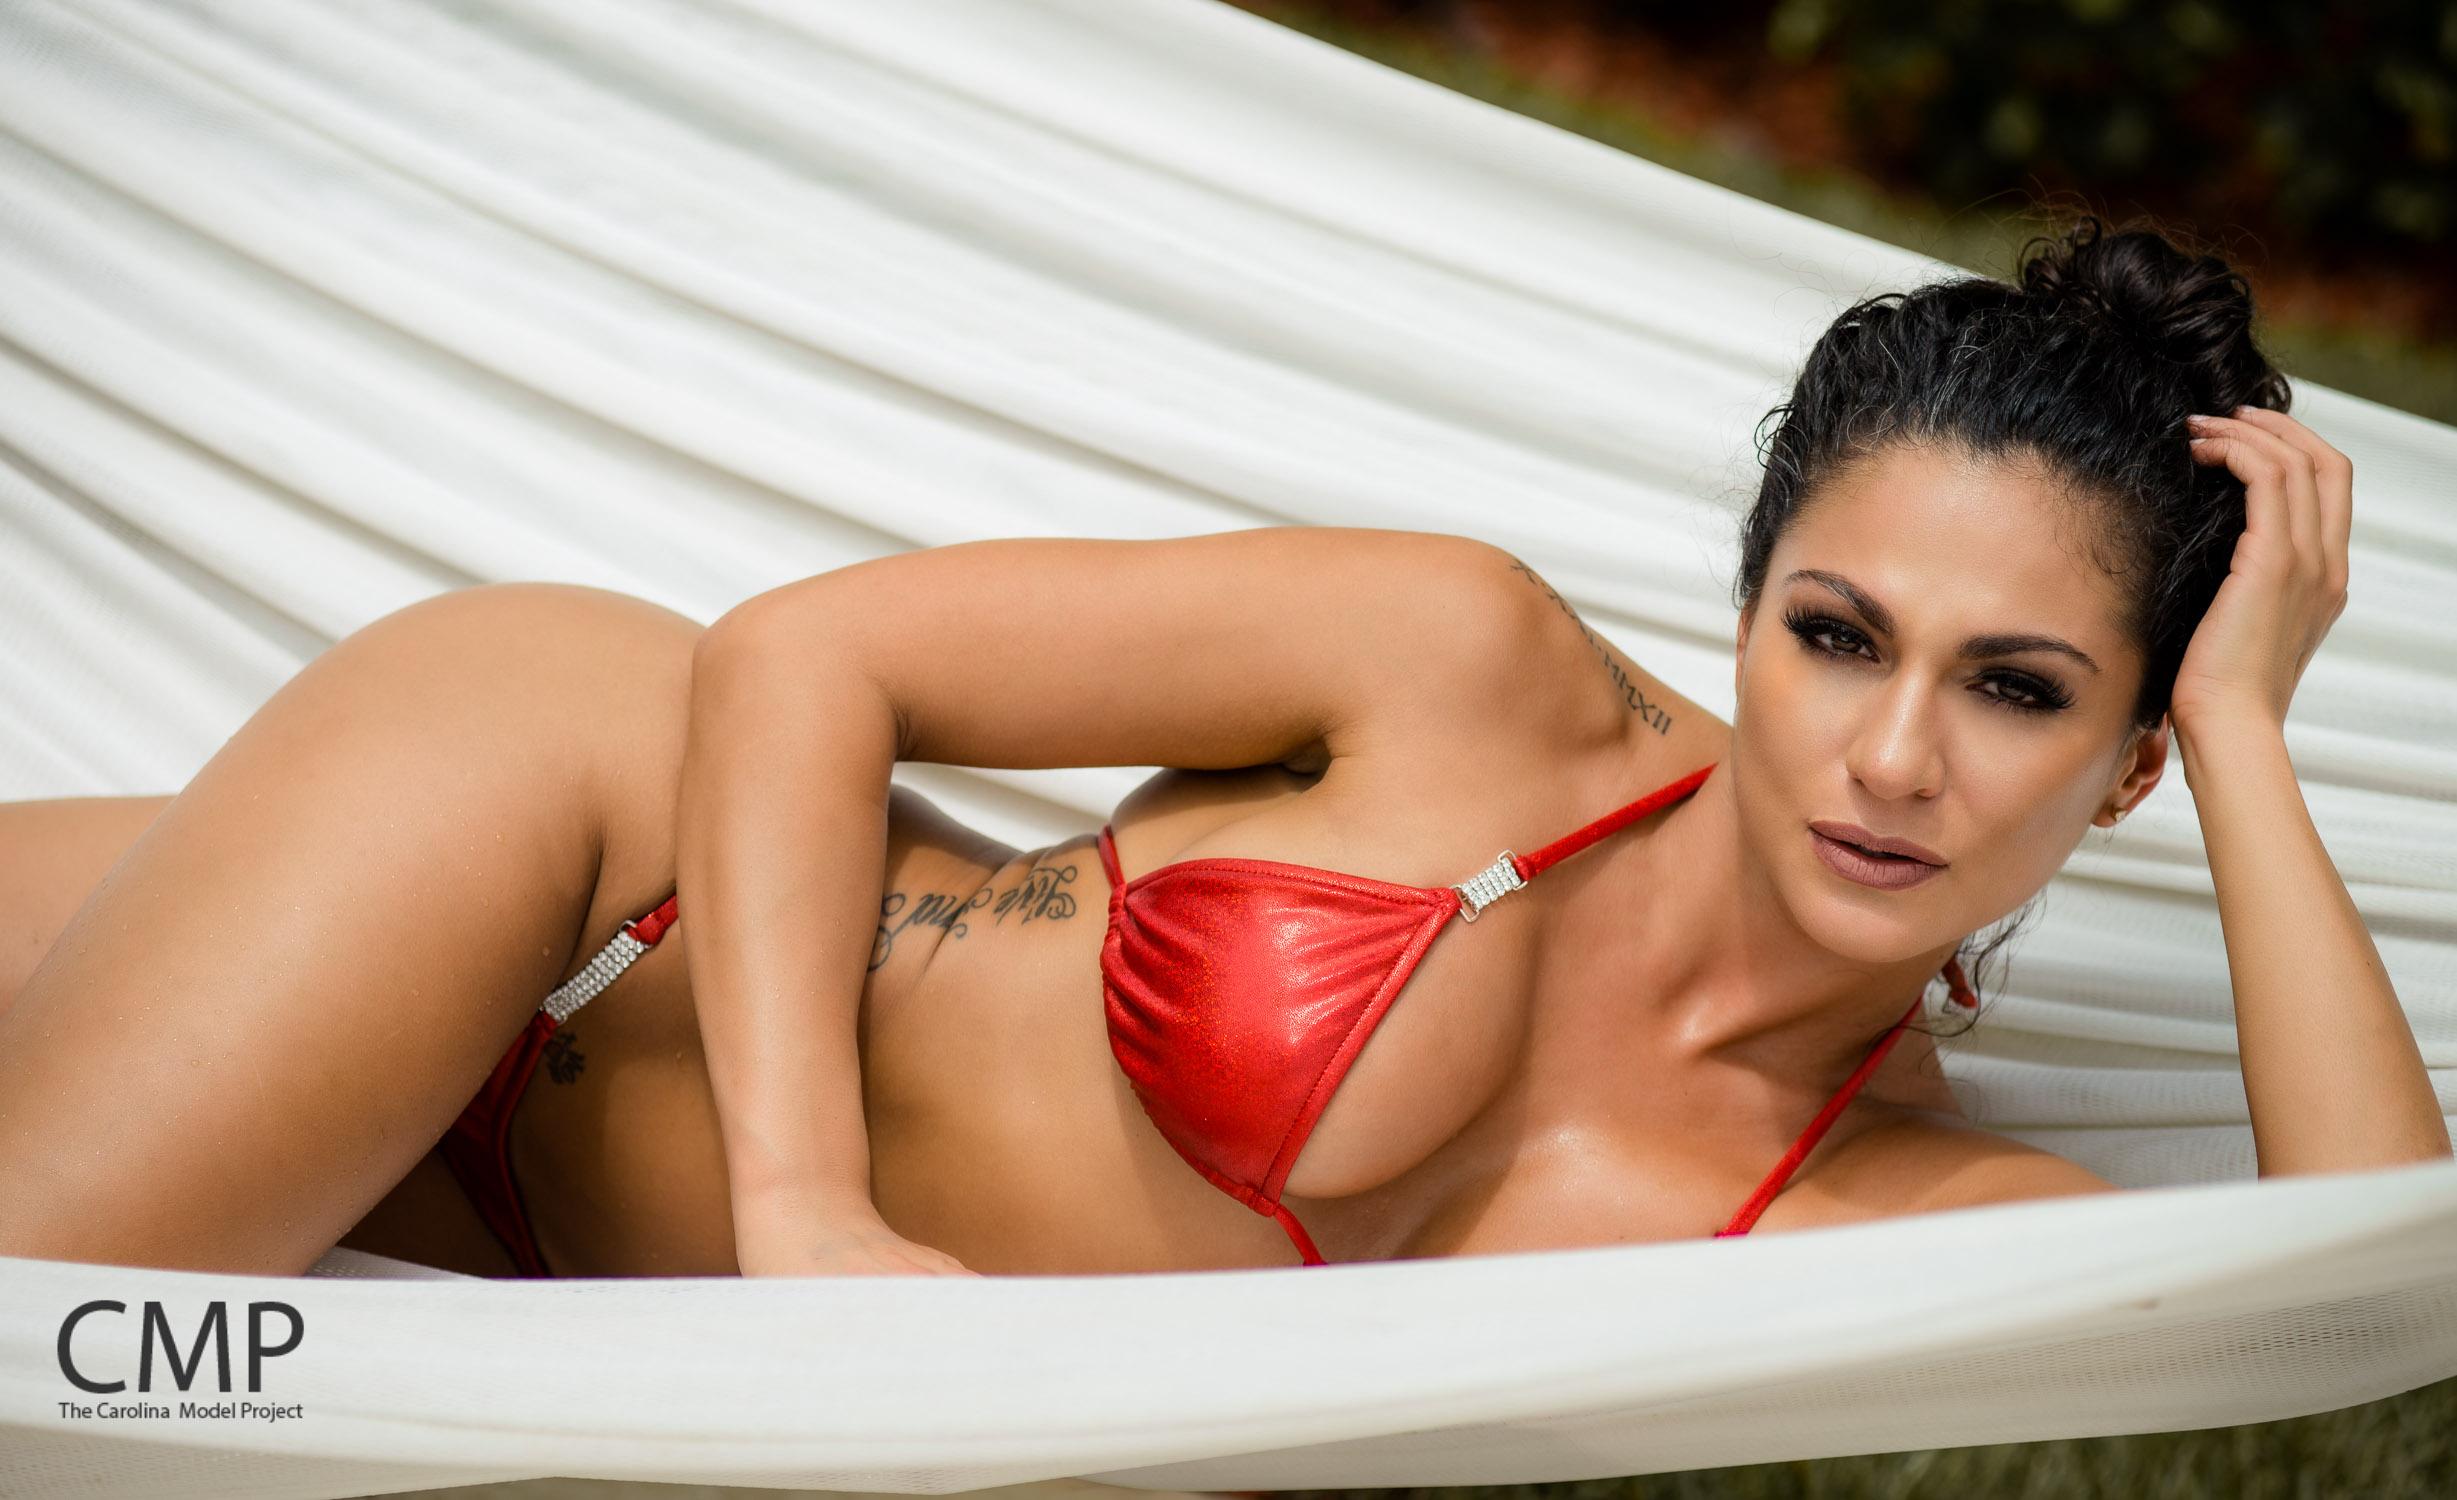 Model Jacqueline Marie